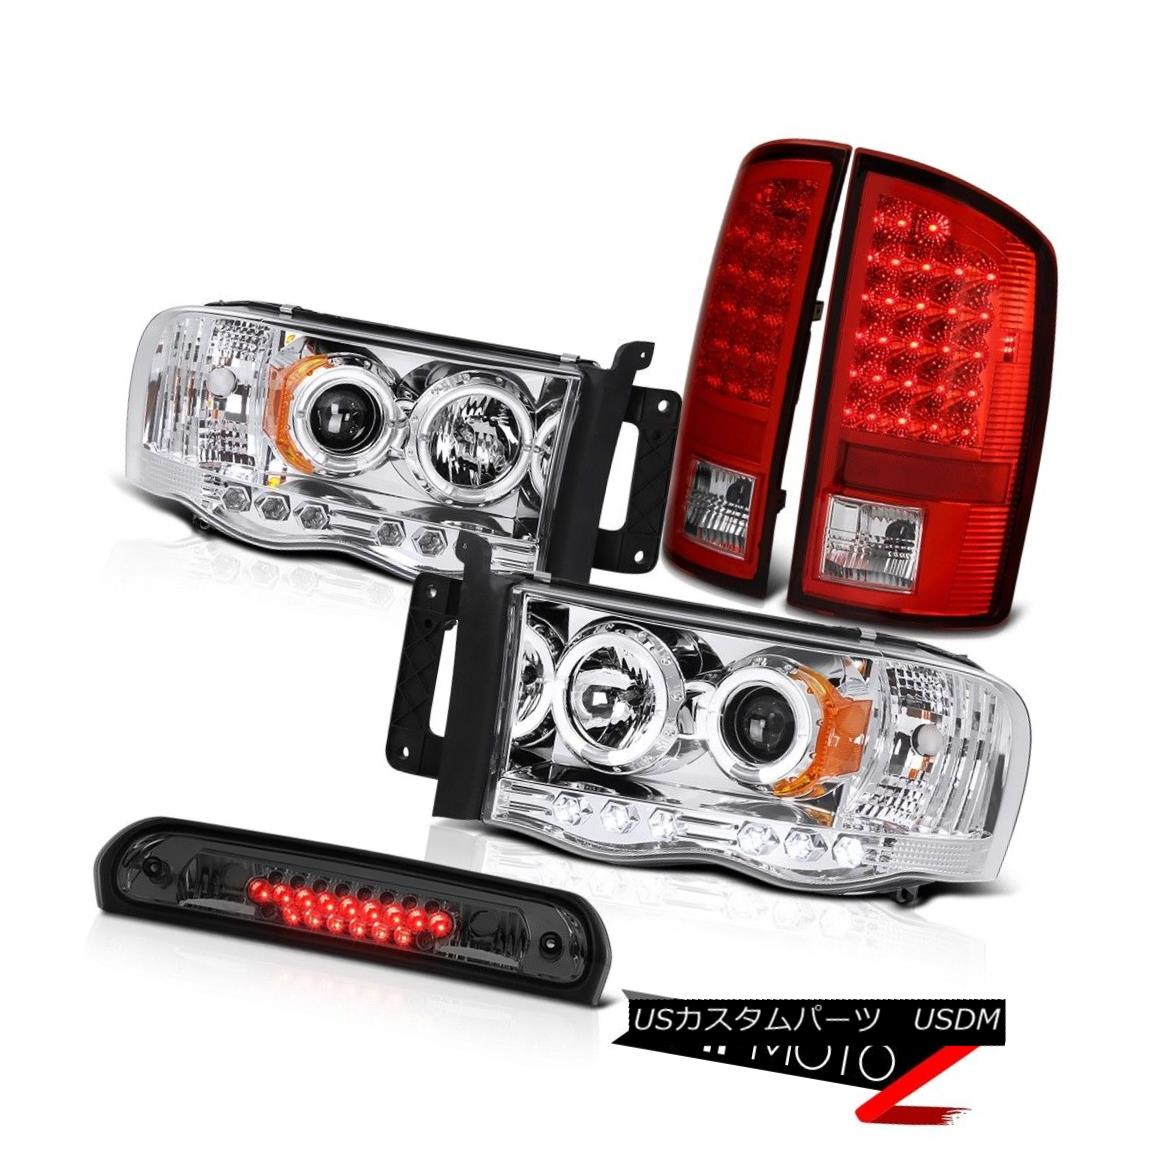 ヘッドライト 2X Angel Eye Projector Headlights Red LED Tail Lights Stop Tinted 02-05 Ram WS 2Xエンジェルアイプロジェクターヘッドライト赤LEDテールライトストップティント02-05 Ram WS